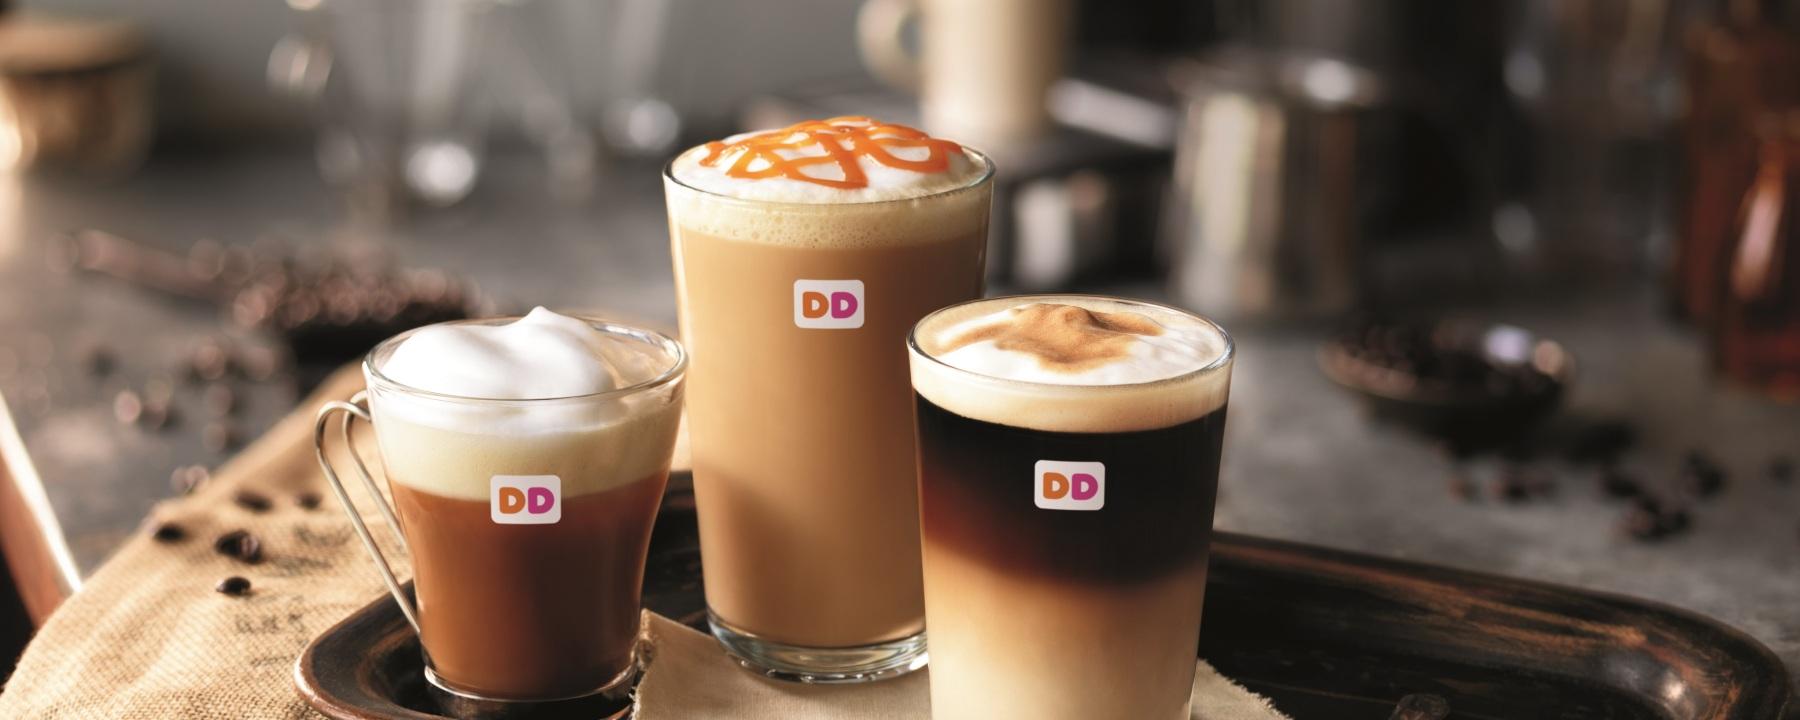 día mundial café dunkin' donuts